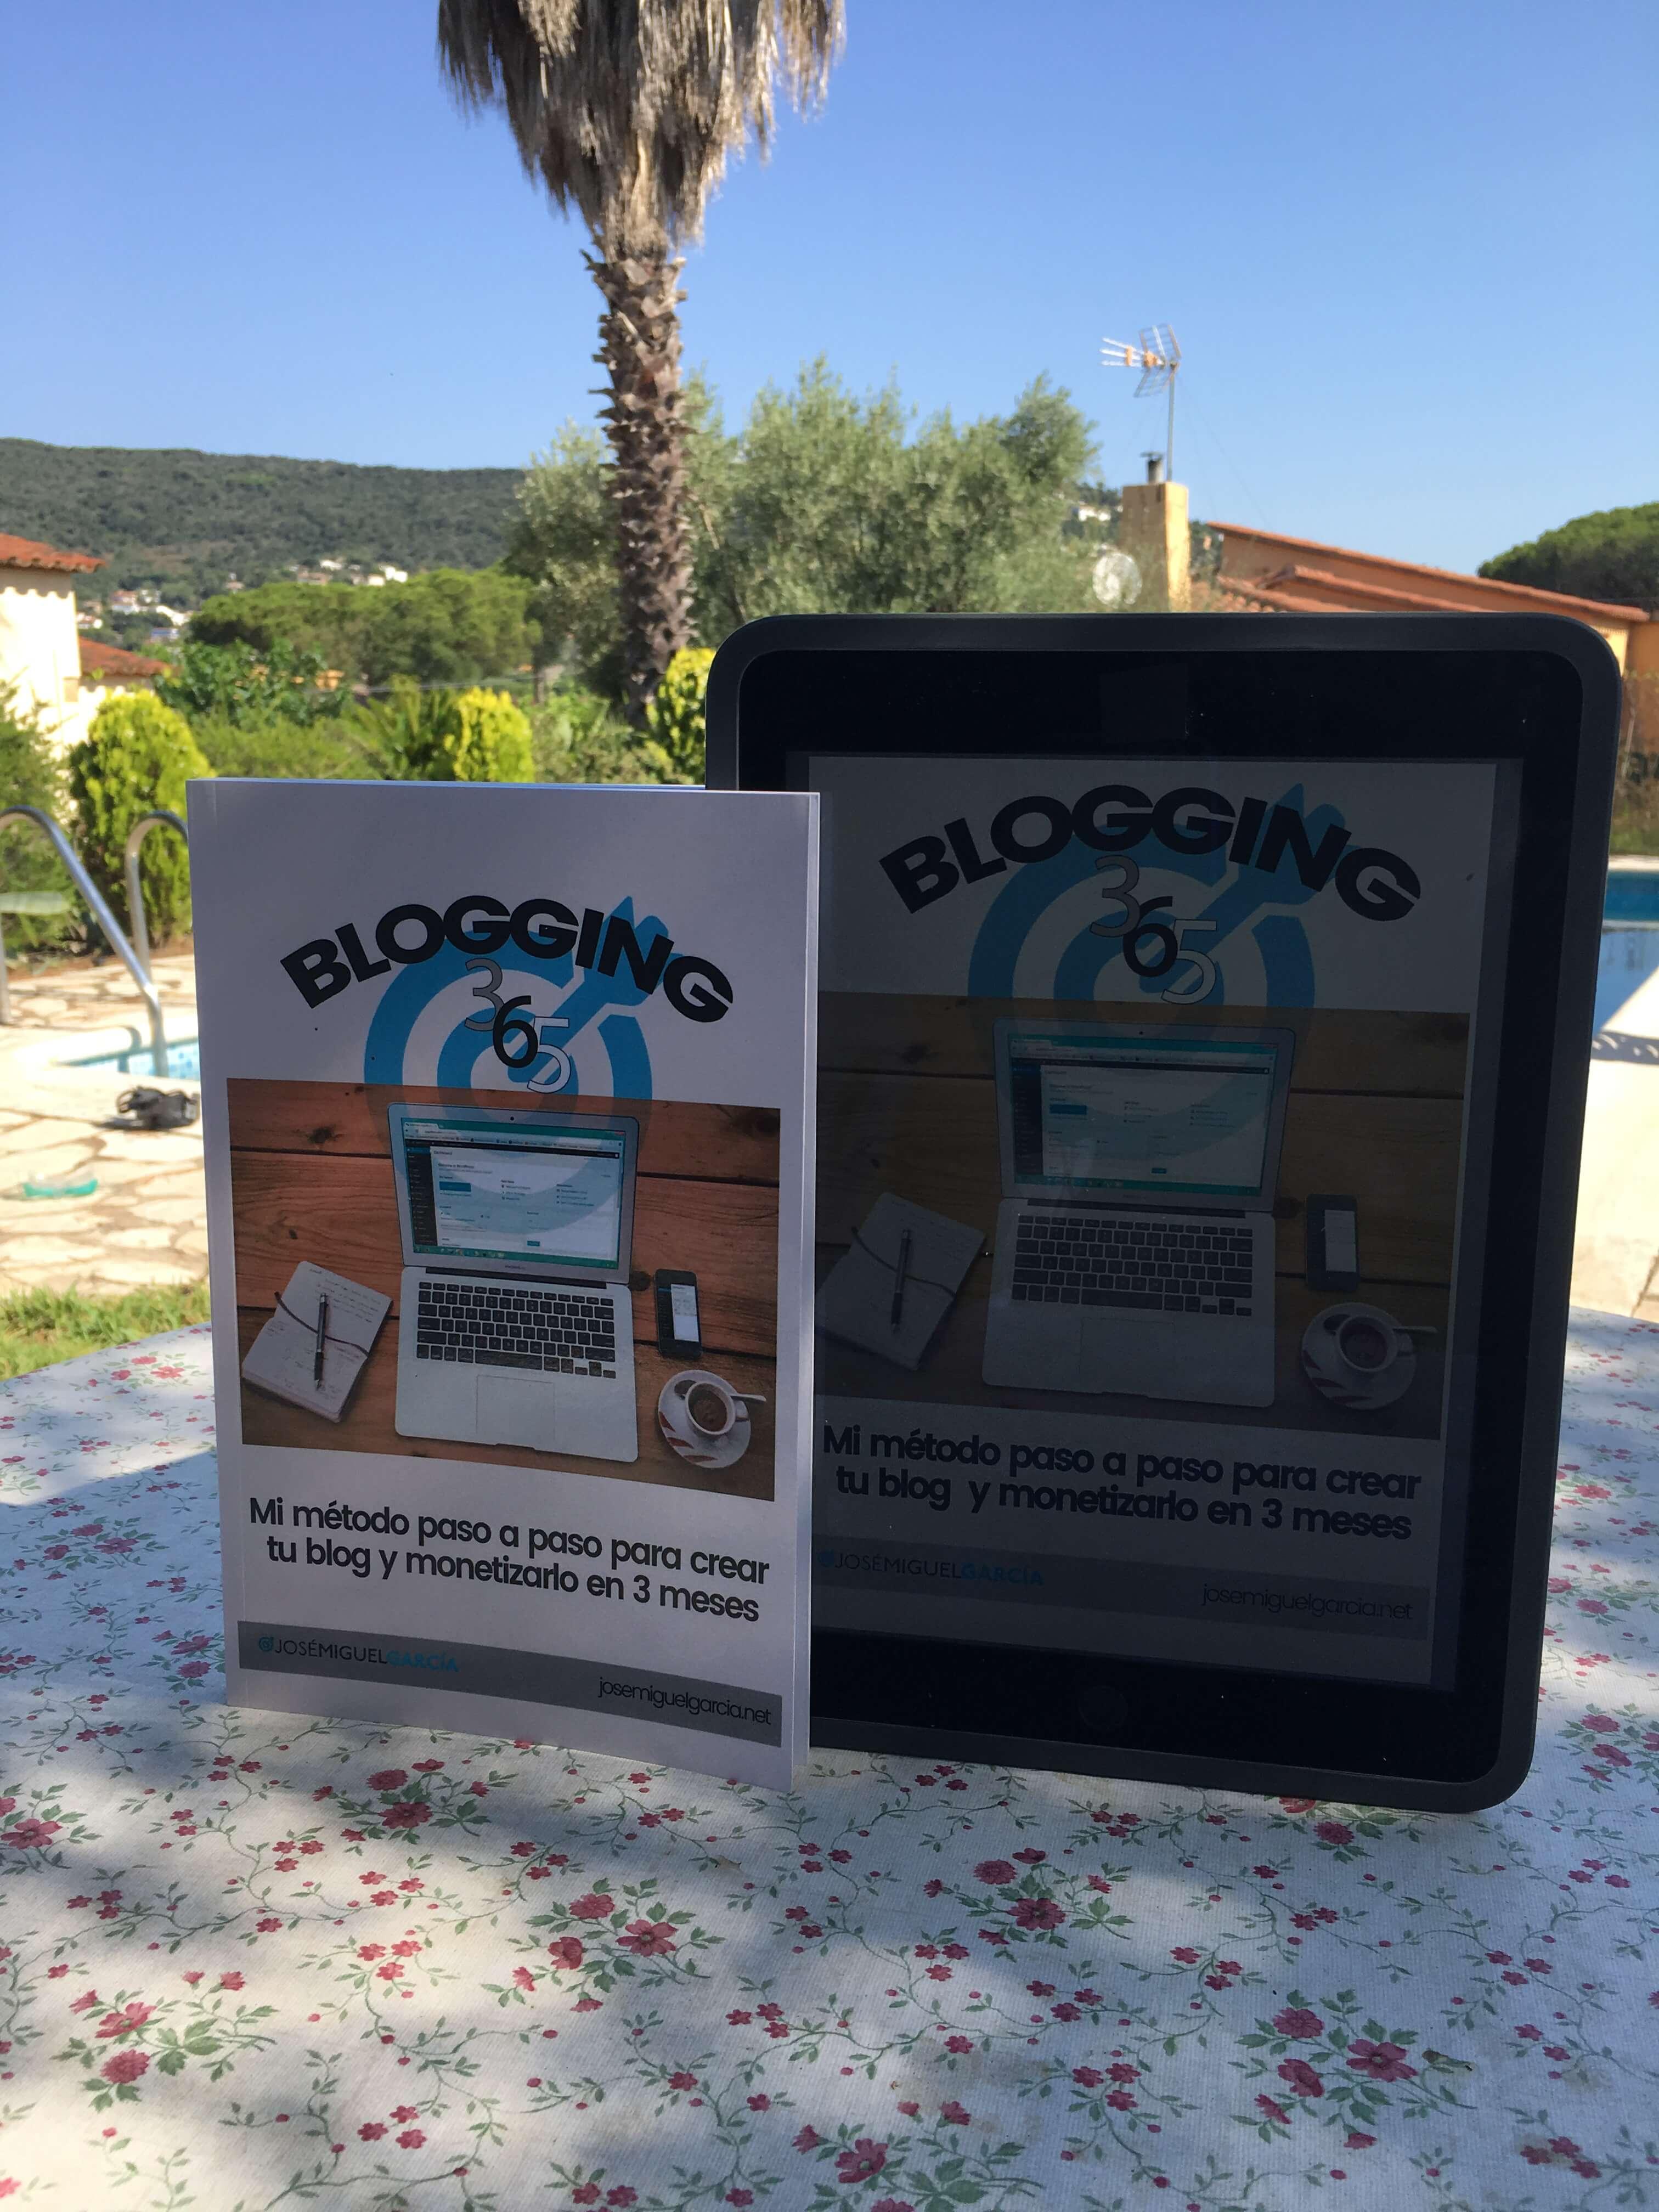 Blogging 365 libro y ebook